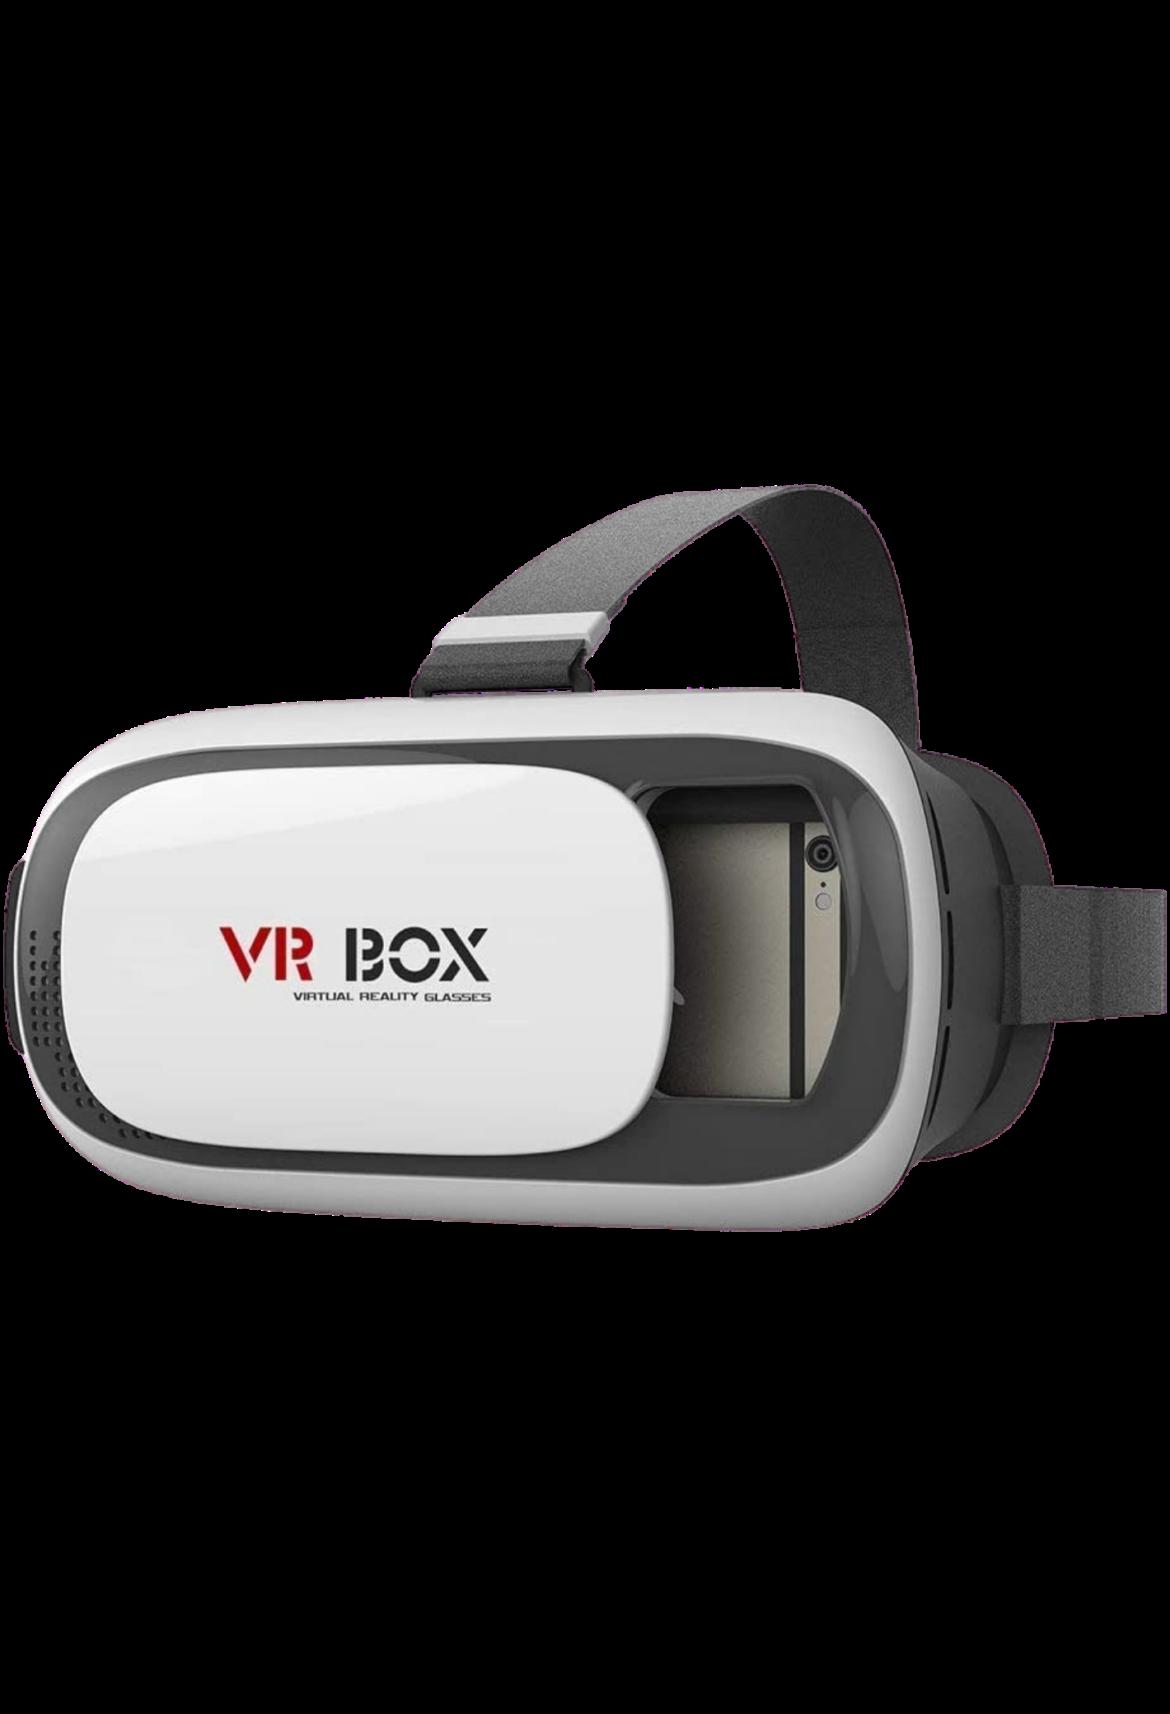 Virtual Viewer Pro visore realtà 3D: come si usa? Funziona davvero? Acquisto, opinioni e testimonianze, prezzo